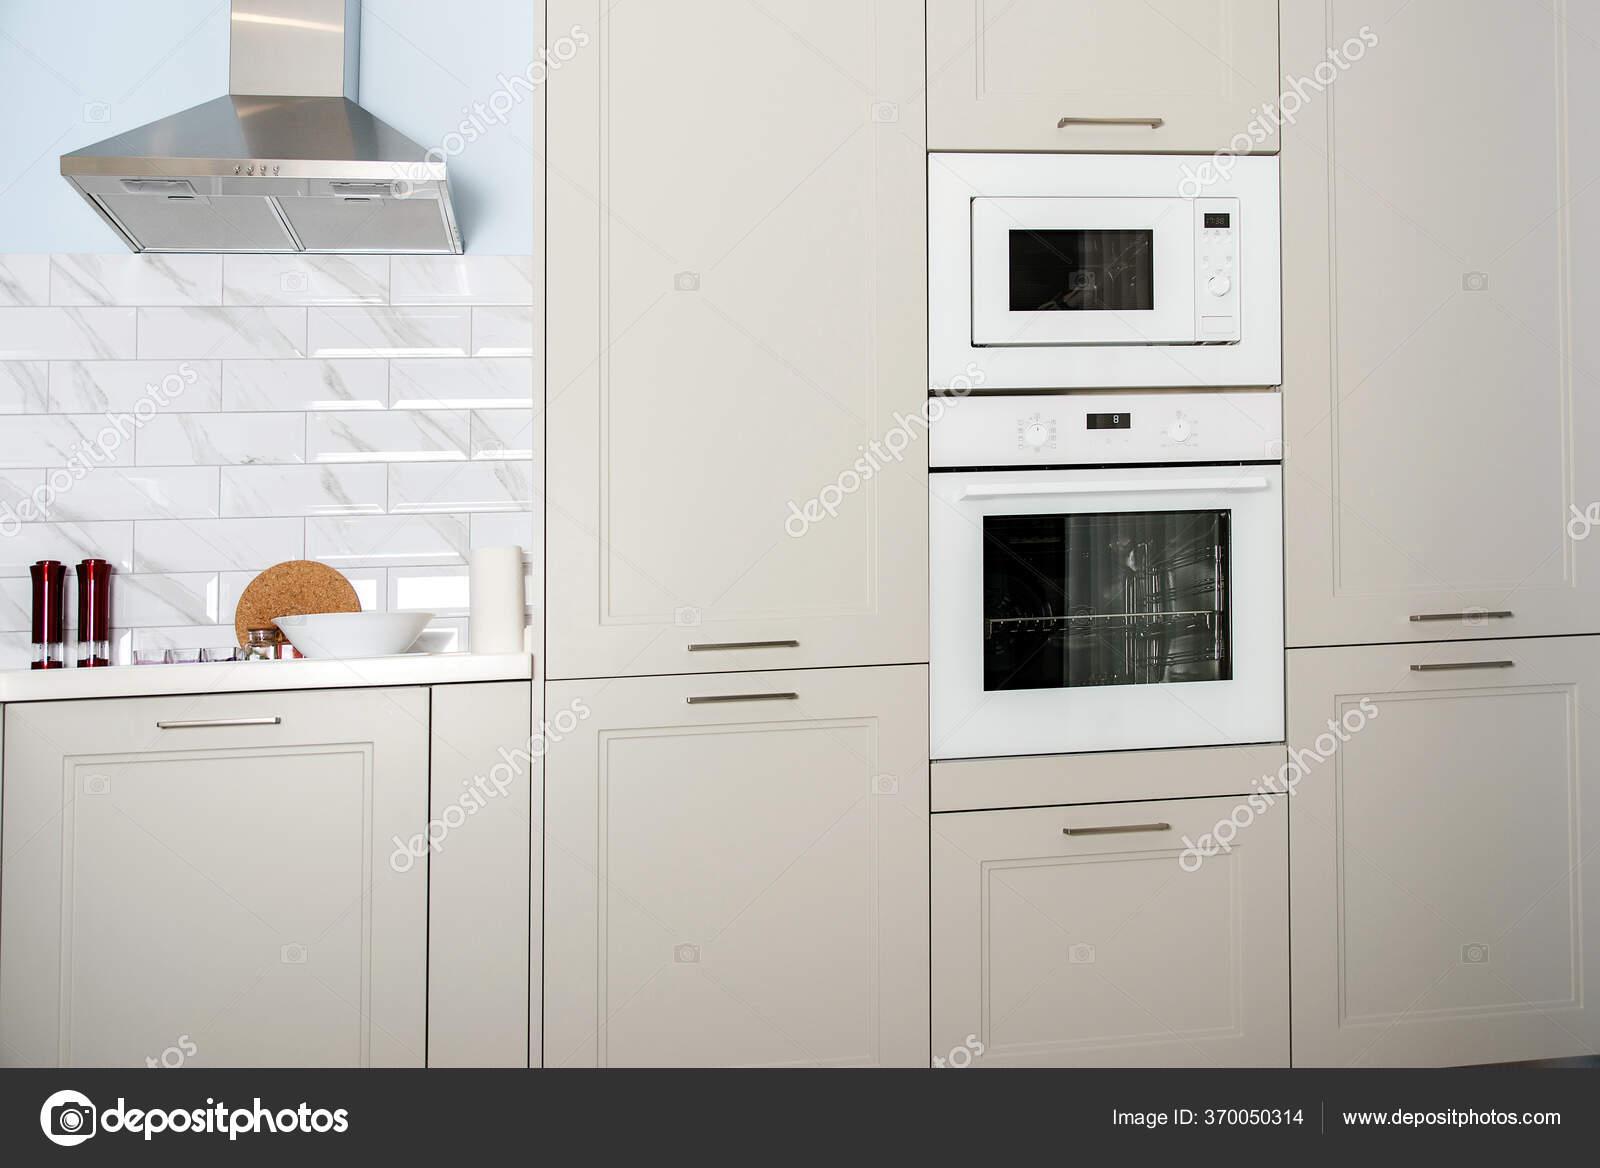 Modernes Kuchendesign Silberne Dunstabzugshaube Minimal Weisser Kucheninnenraum Echtes Foto Neue Stockfoto C Volurol 370050314